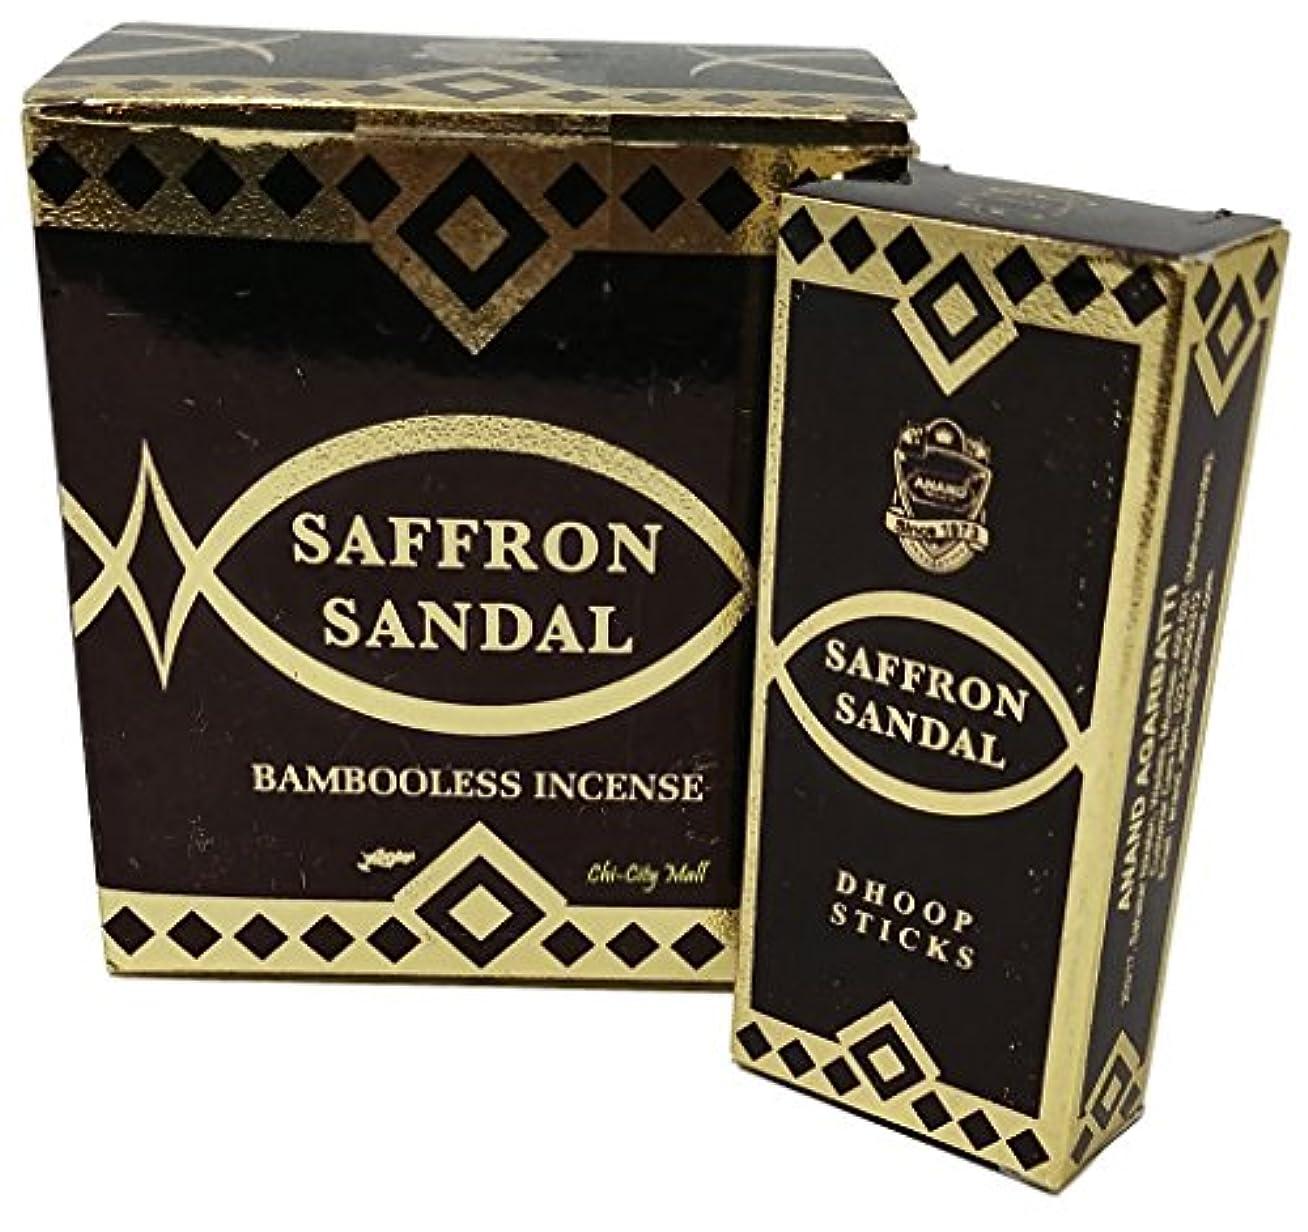 批判フォーマル否定するChi-City Mall Saffron Sandal Bambooless Incense - Dhoop Sticks Anand Agarbatti Hand-rolled in India 15 Sticks...